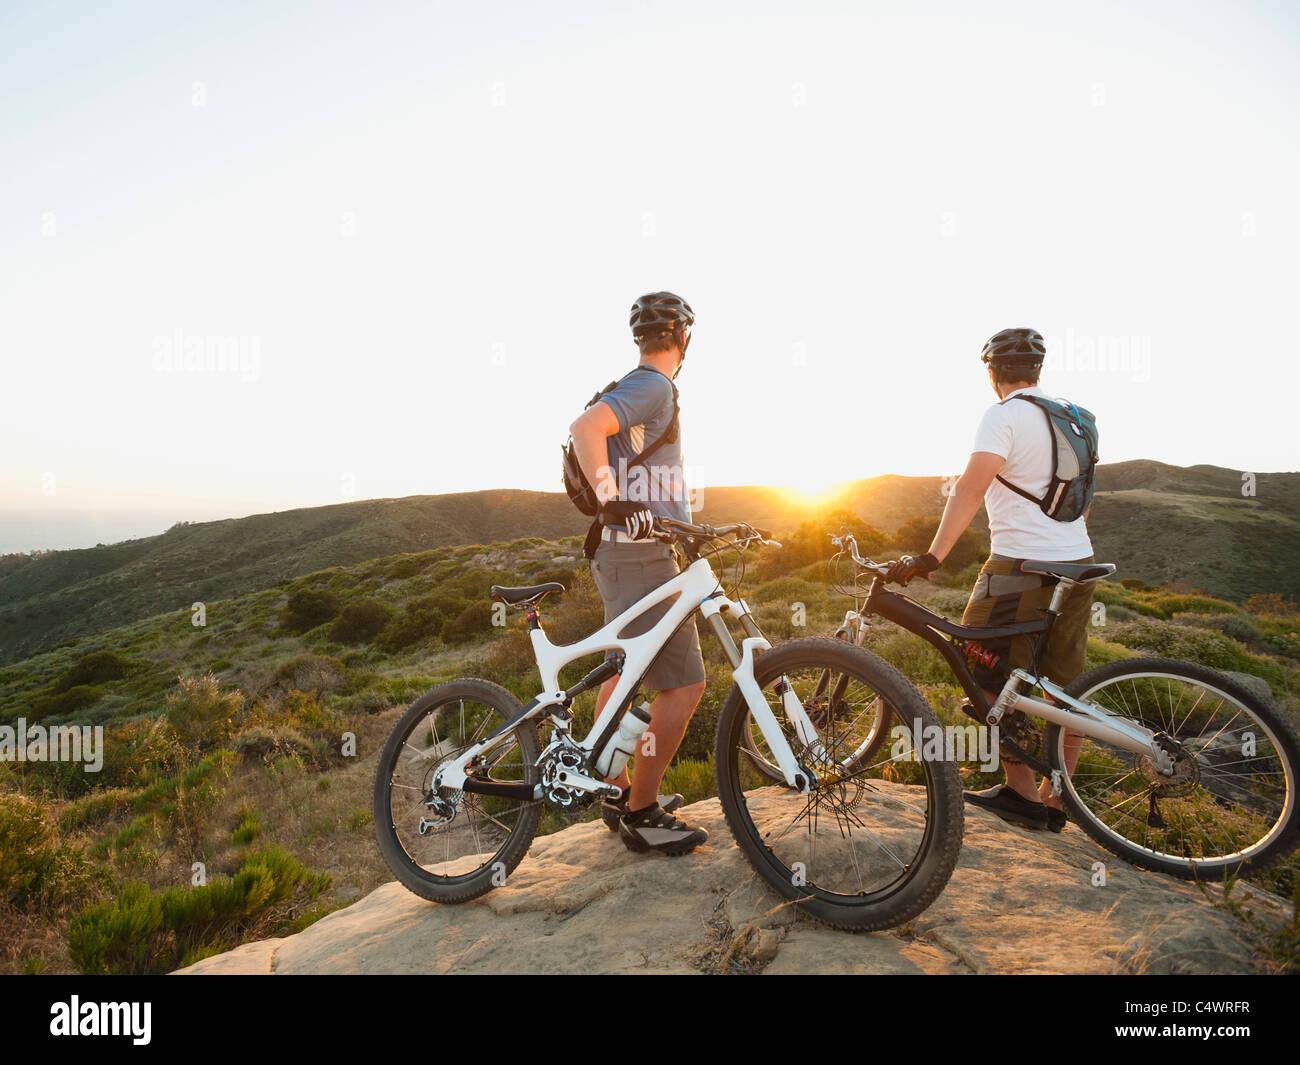 Estados Unidos,California,Laguna Beach,Dos ciclistas en la colina mirando a ver Imagen De Stock